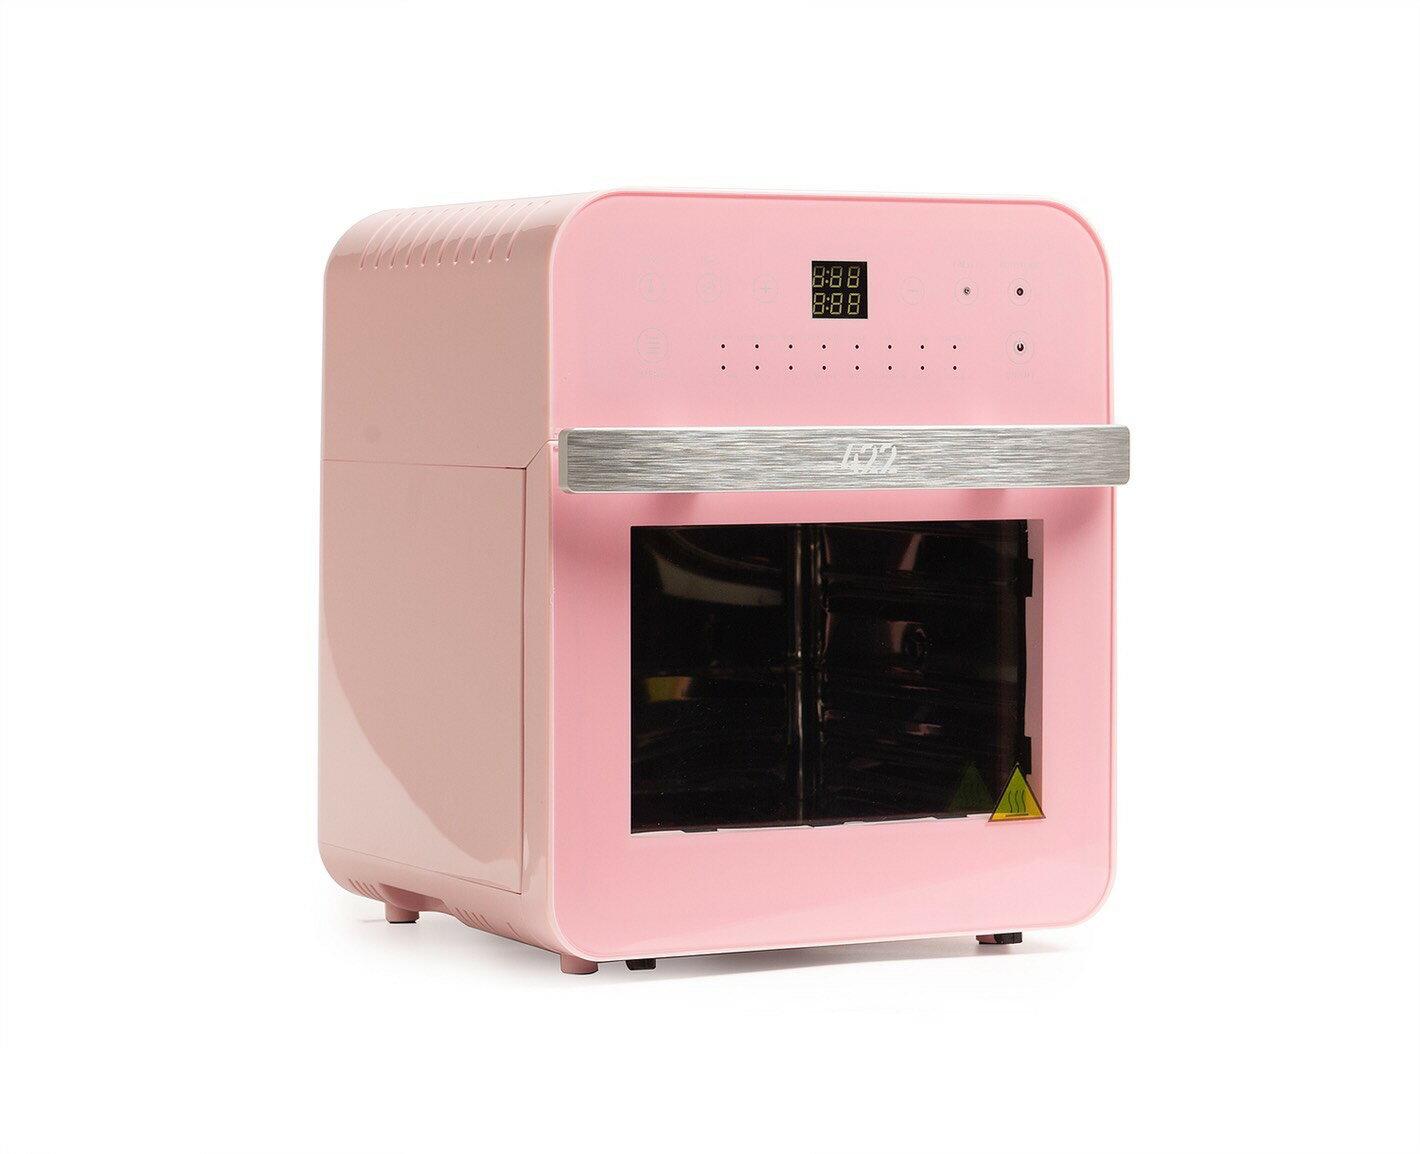 【贈送轉籠+炸籃】韓國 422Inc 11L 氣炸烤箱 大容量 多功能 四色可選 部落客推薦 1